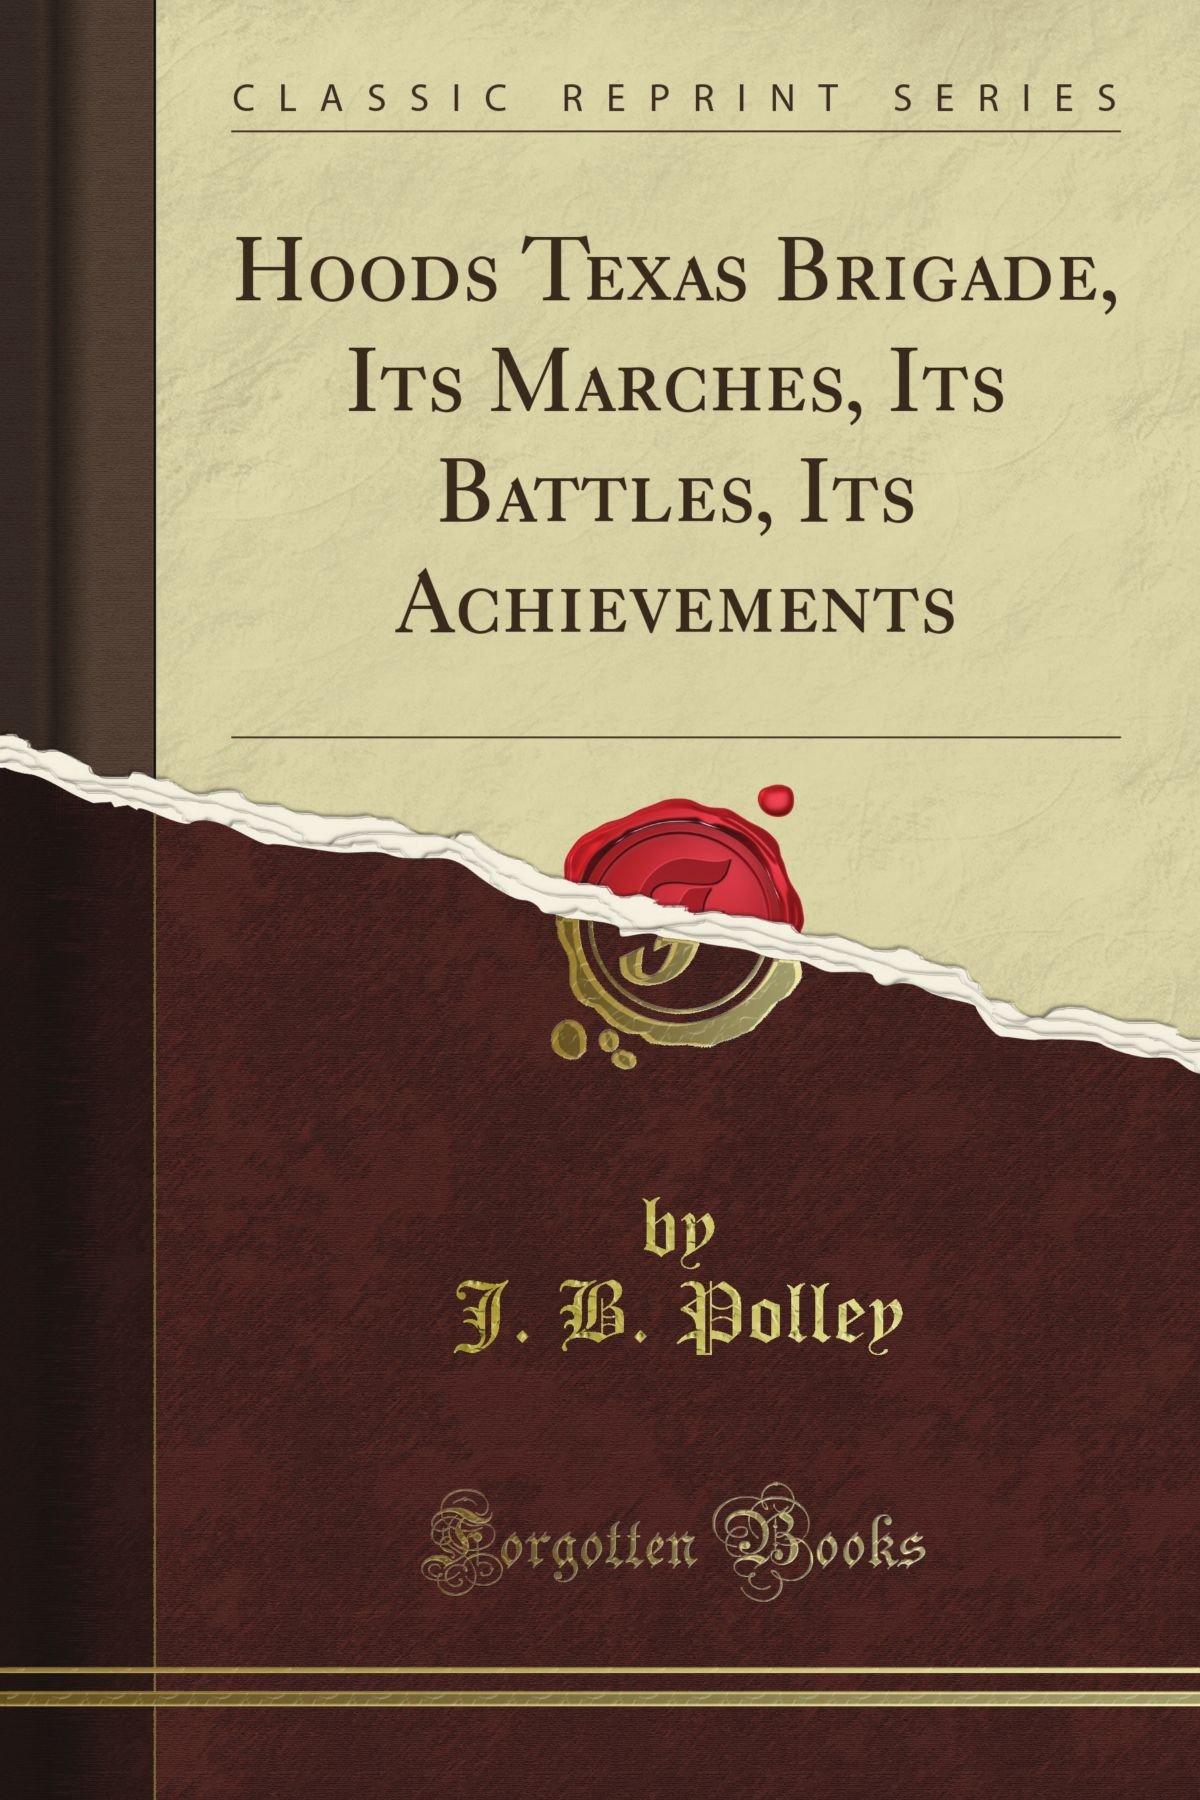 Hood's Texas Brigade, Its Marches, Its Battles, Its Achievements (Classic Reprint) PDF